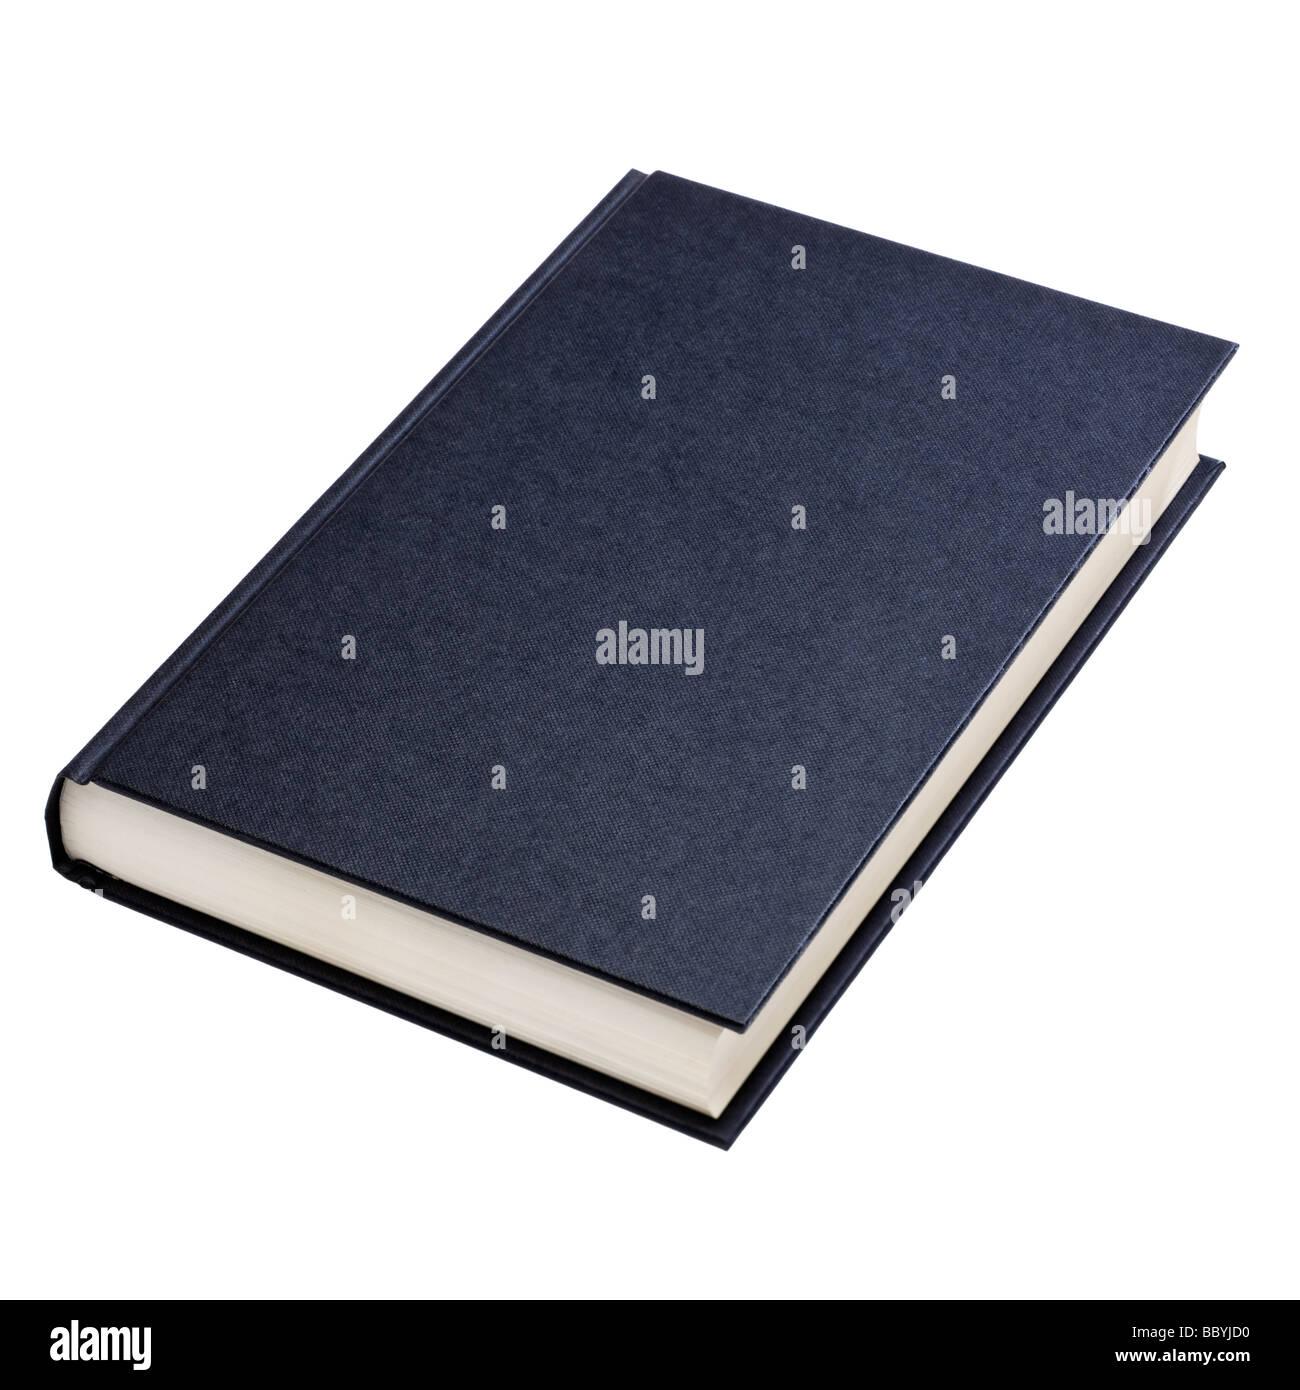 Portada del libro en blanco cortada Imagen De Stock